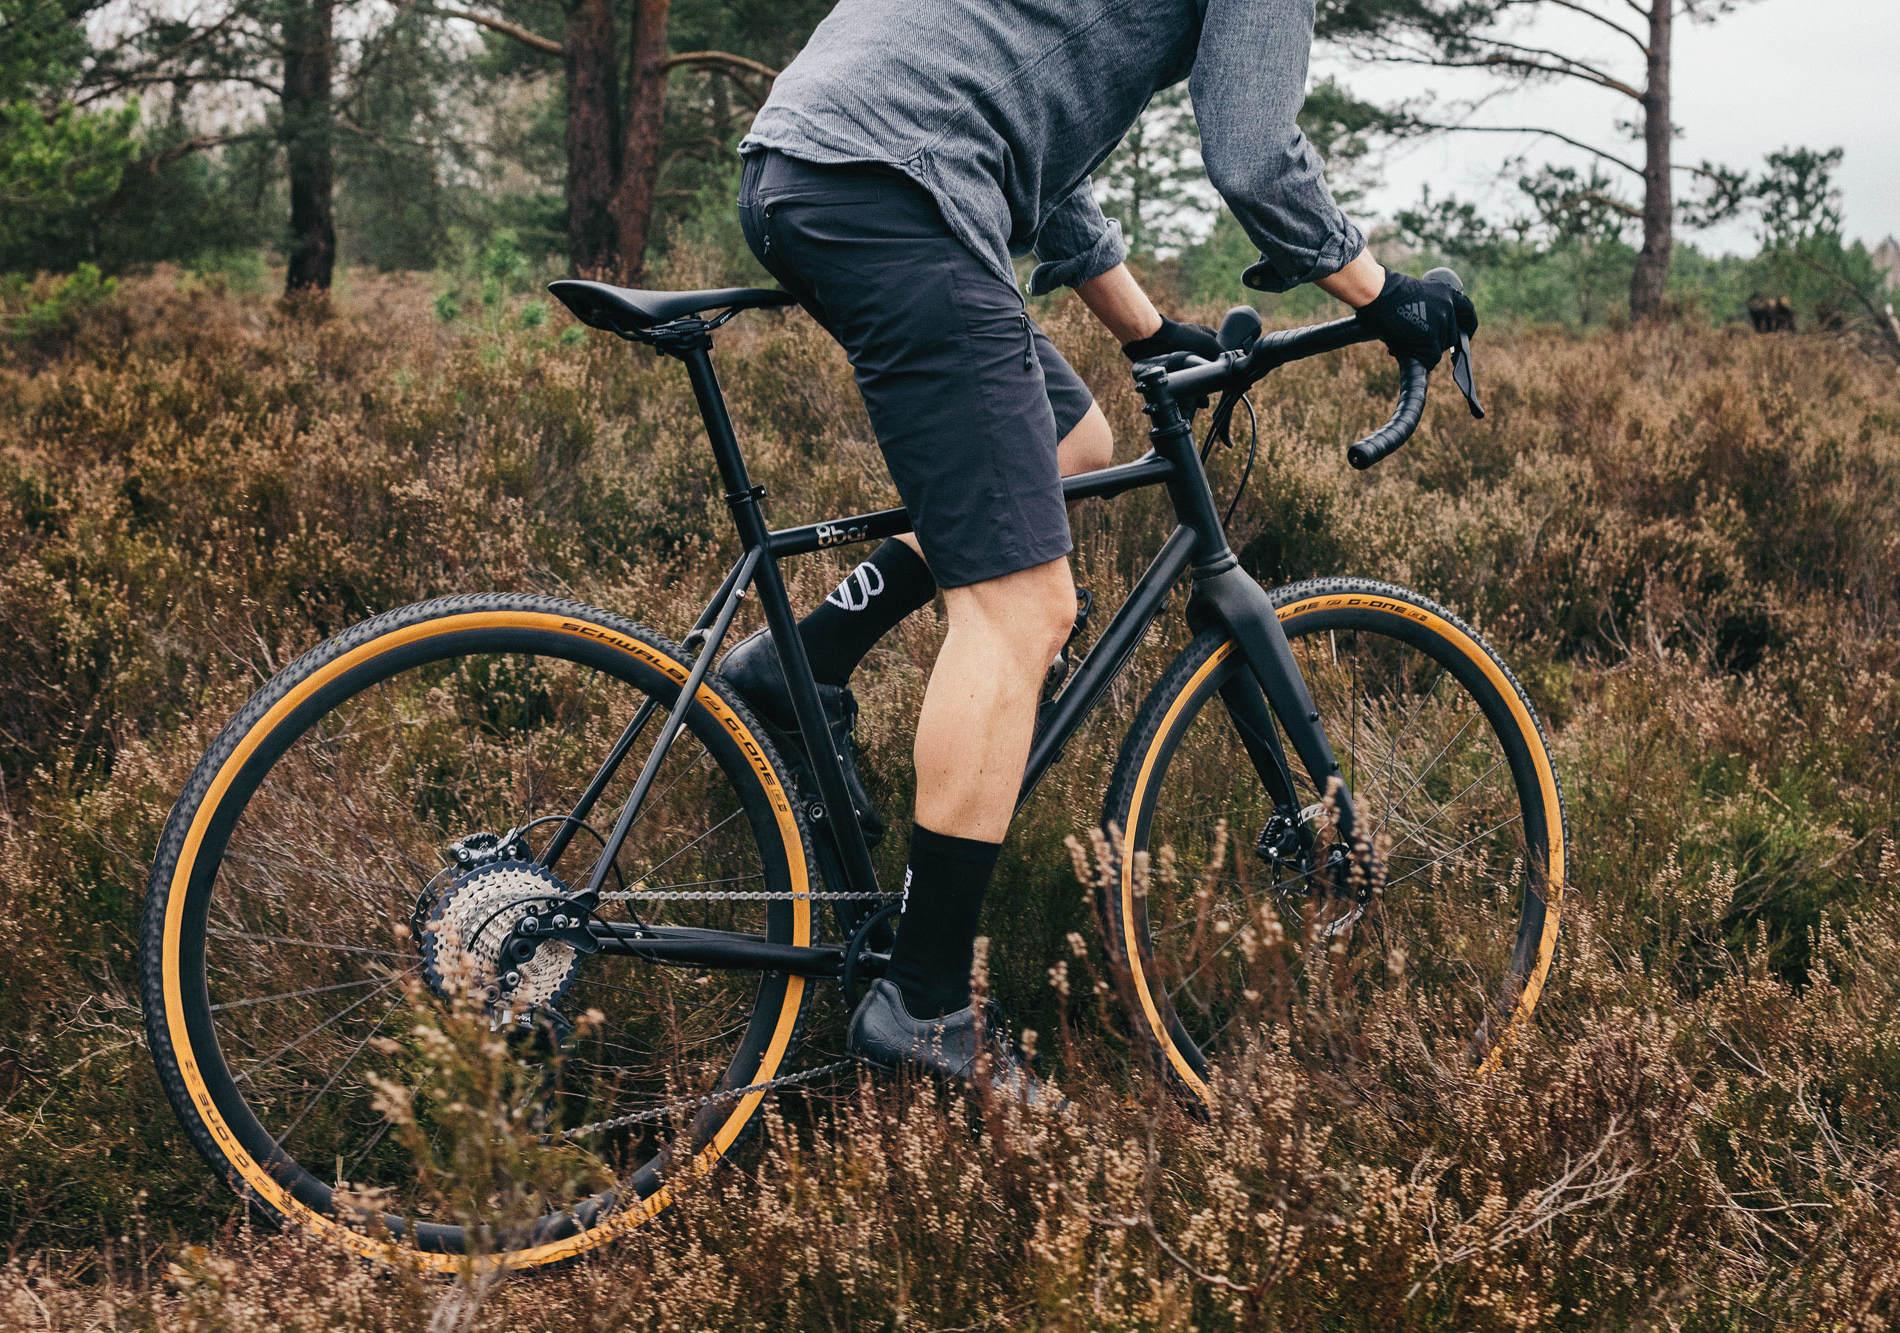 Come vestirsi per la gravel - 8bar-complete-bike-mitte-steel-black-gravel-cross-allroad